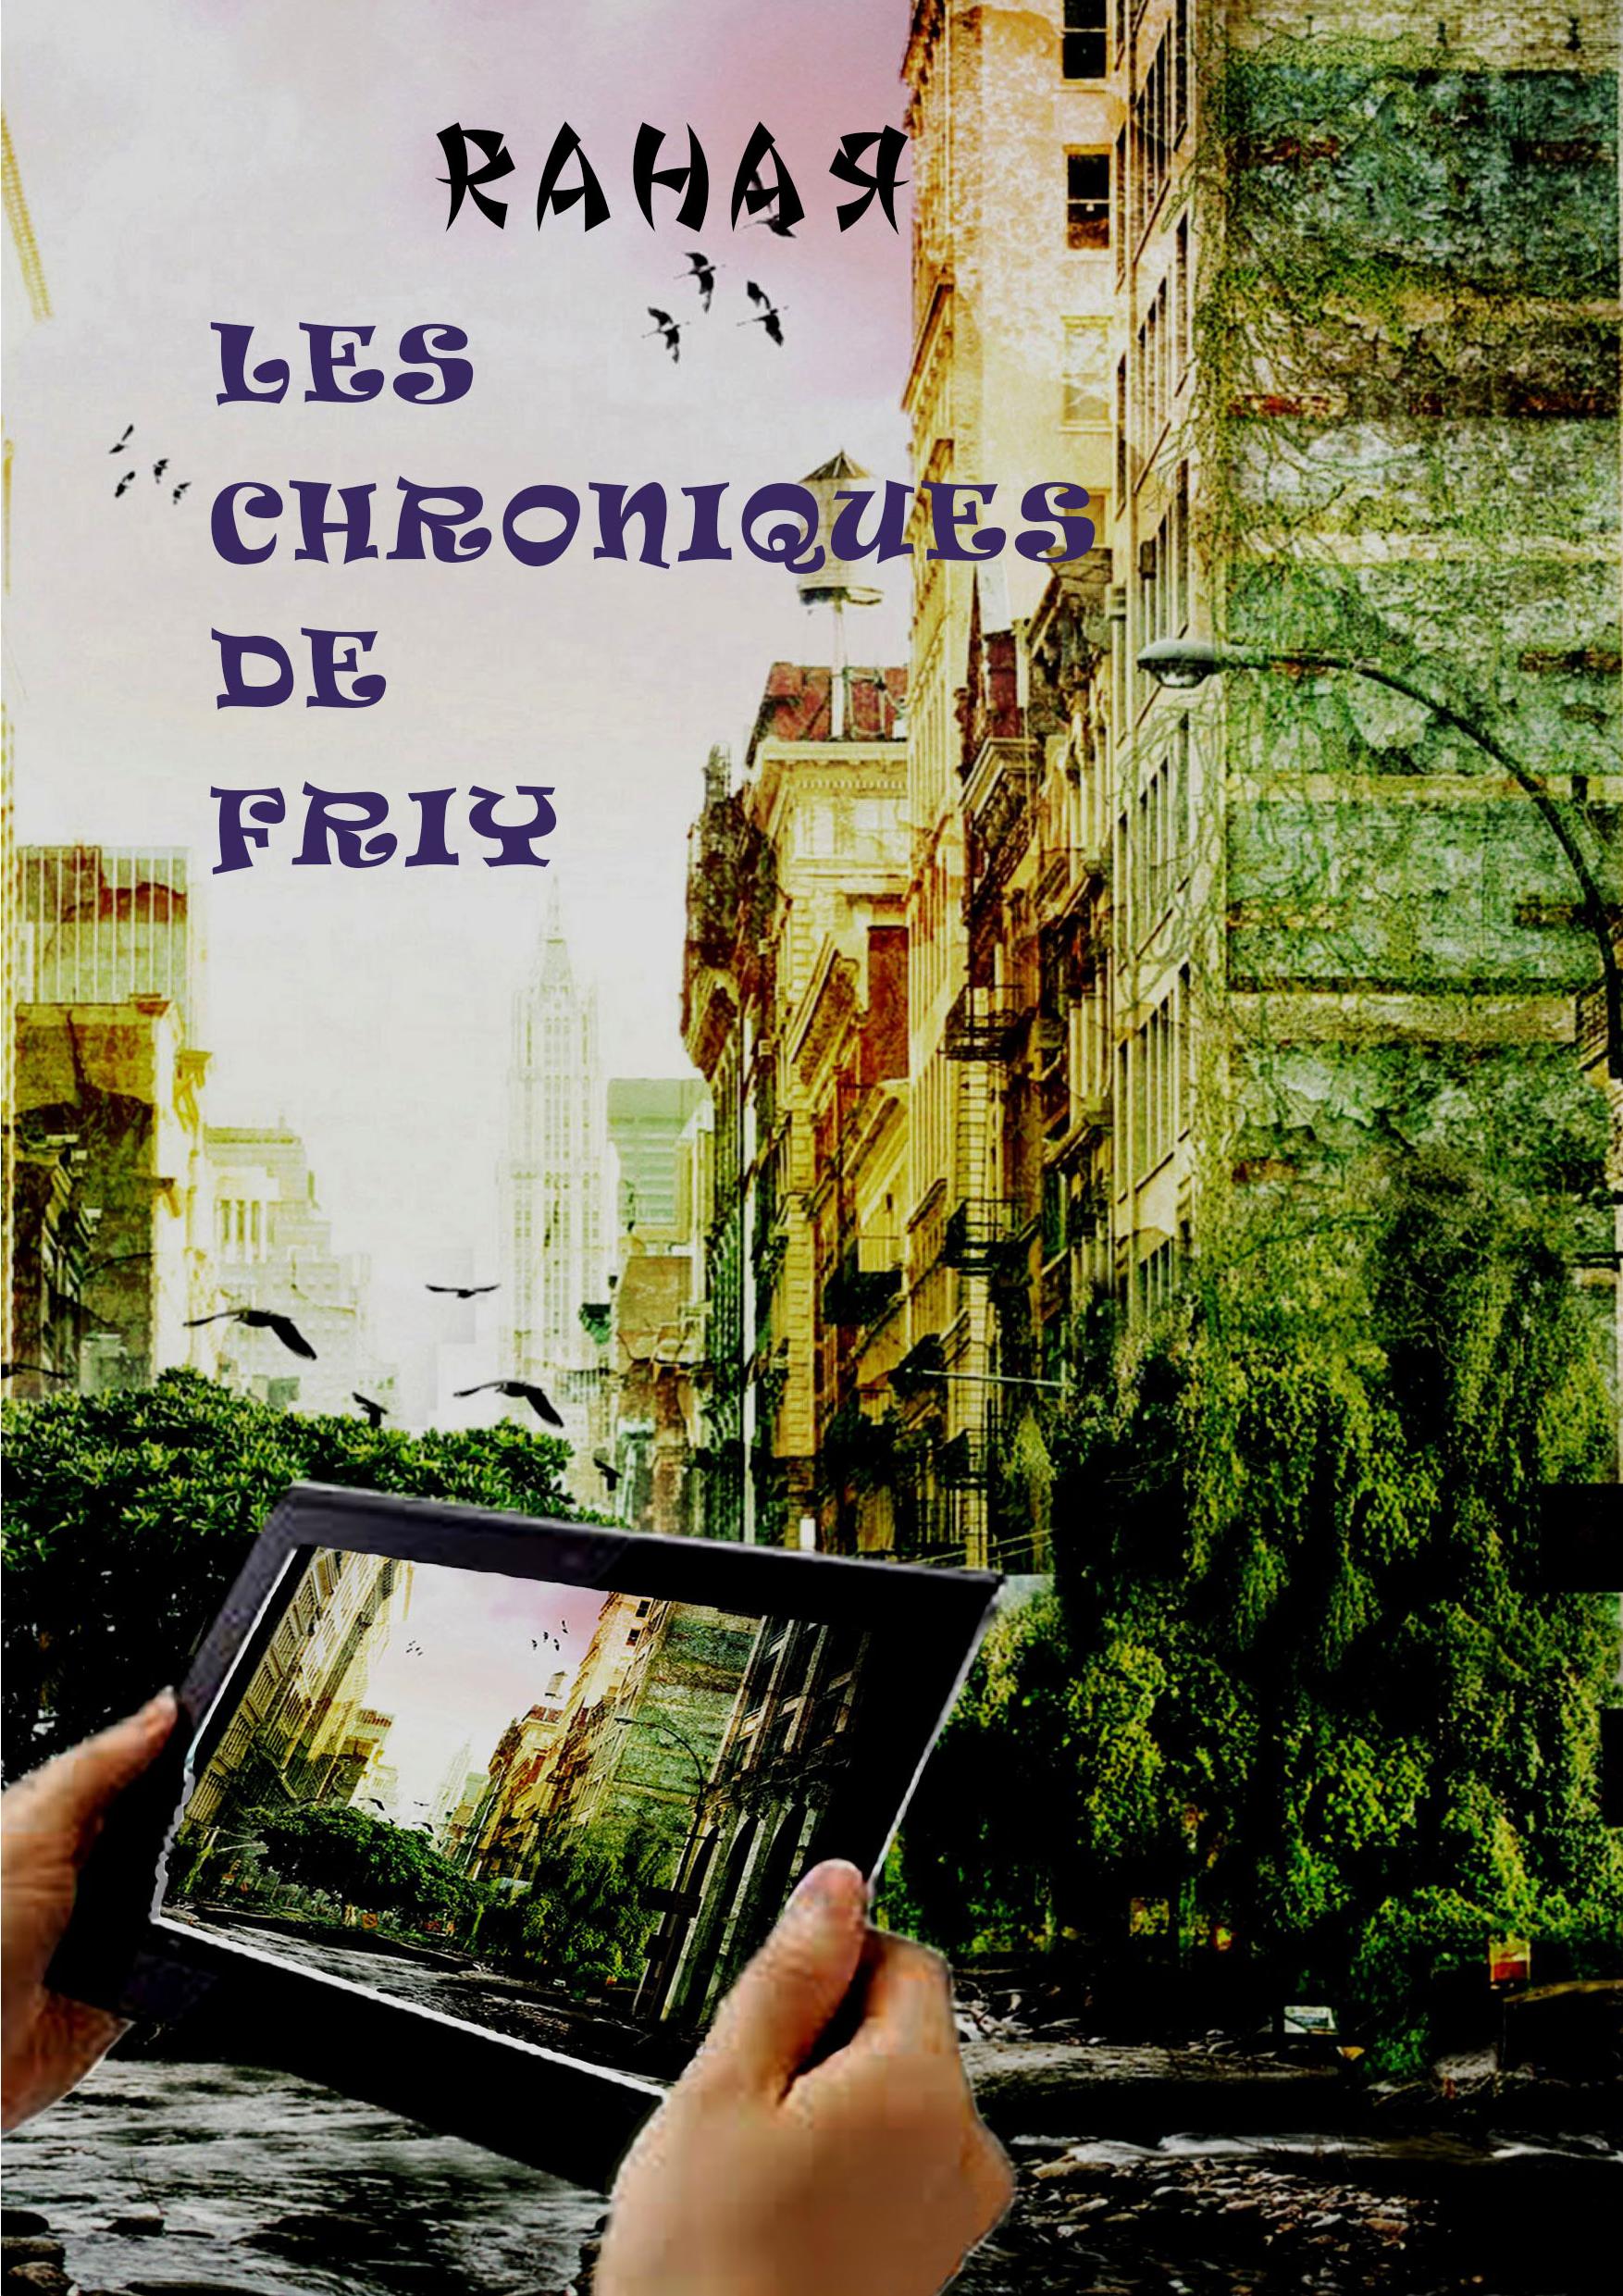 Les Chroniques de Friy